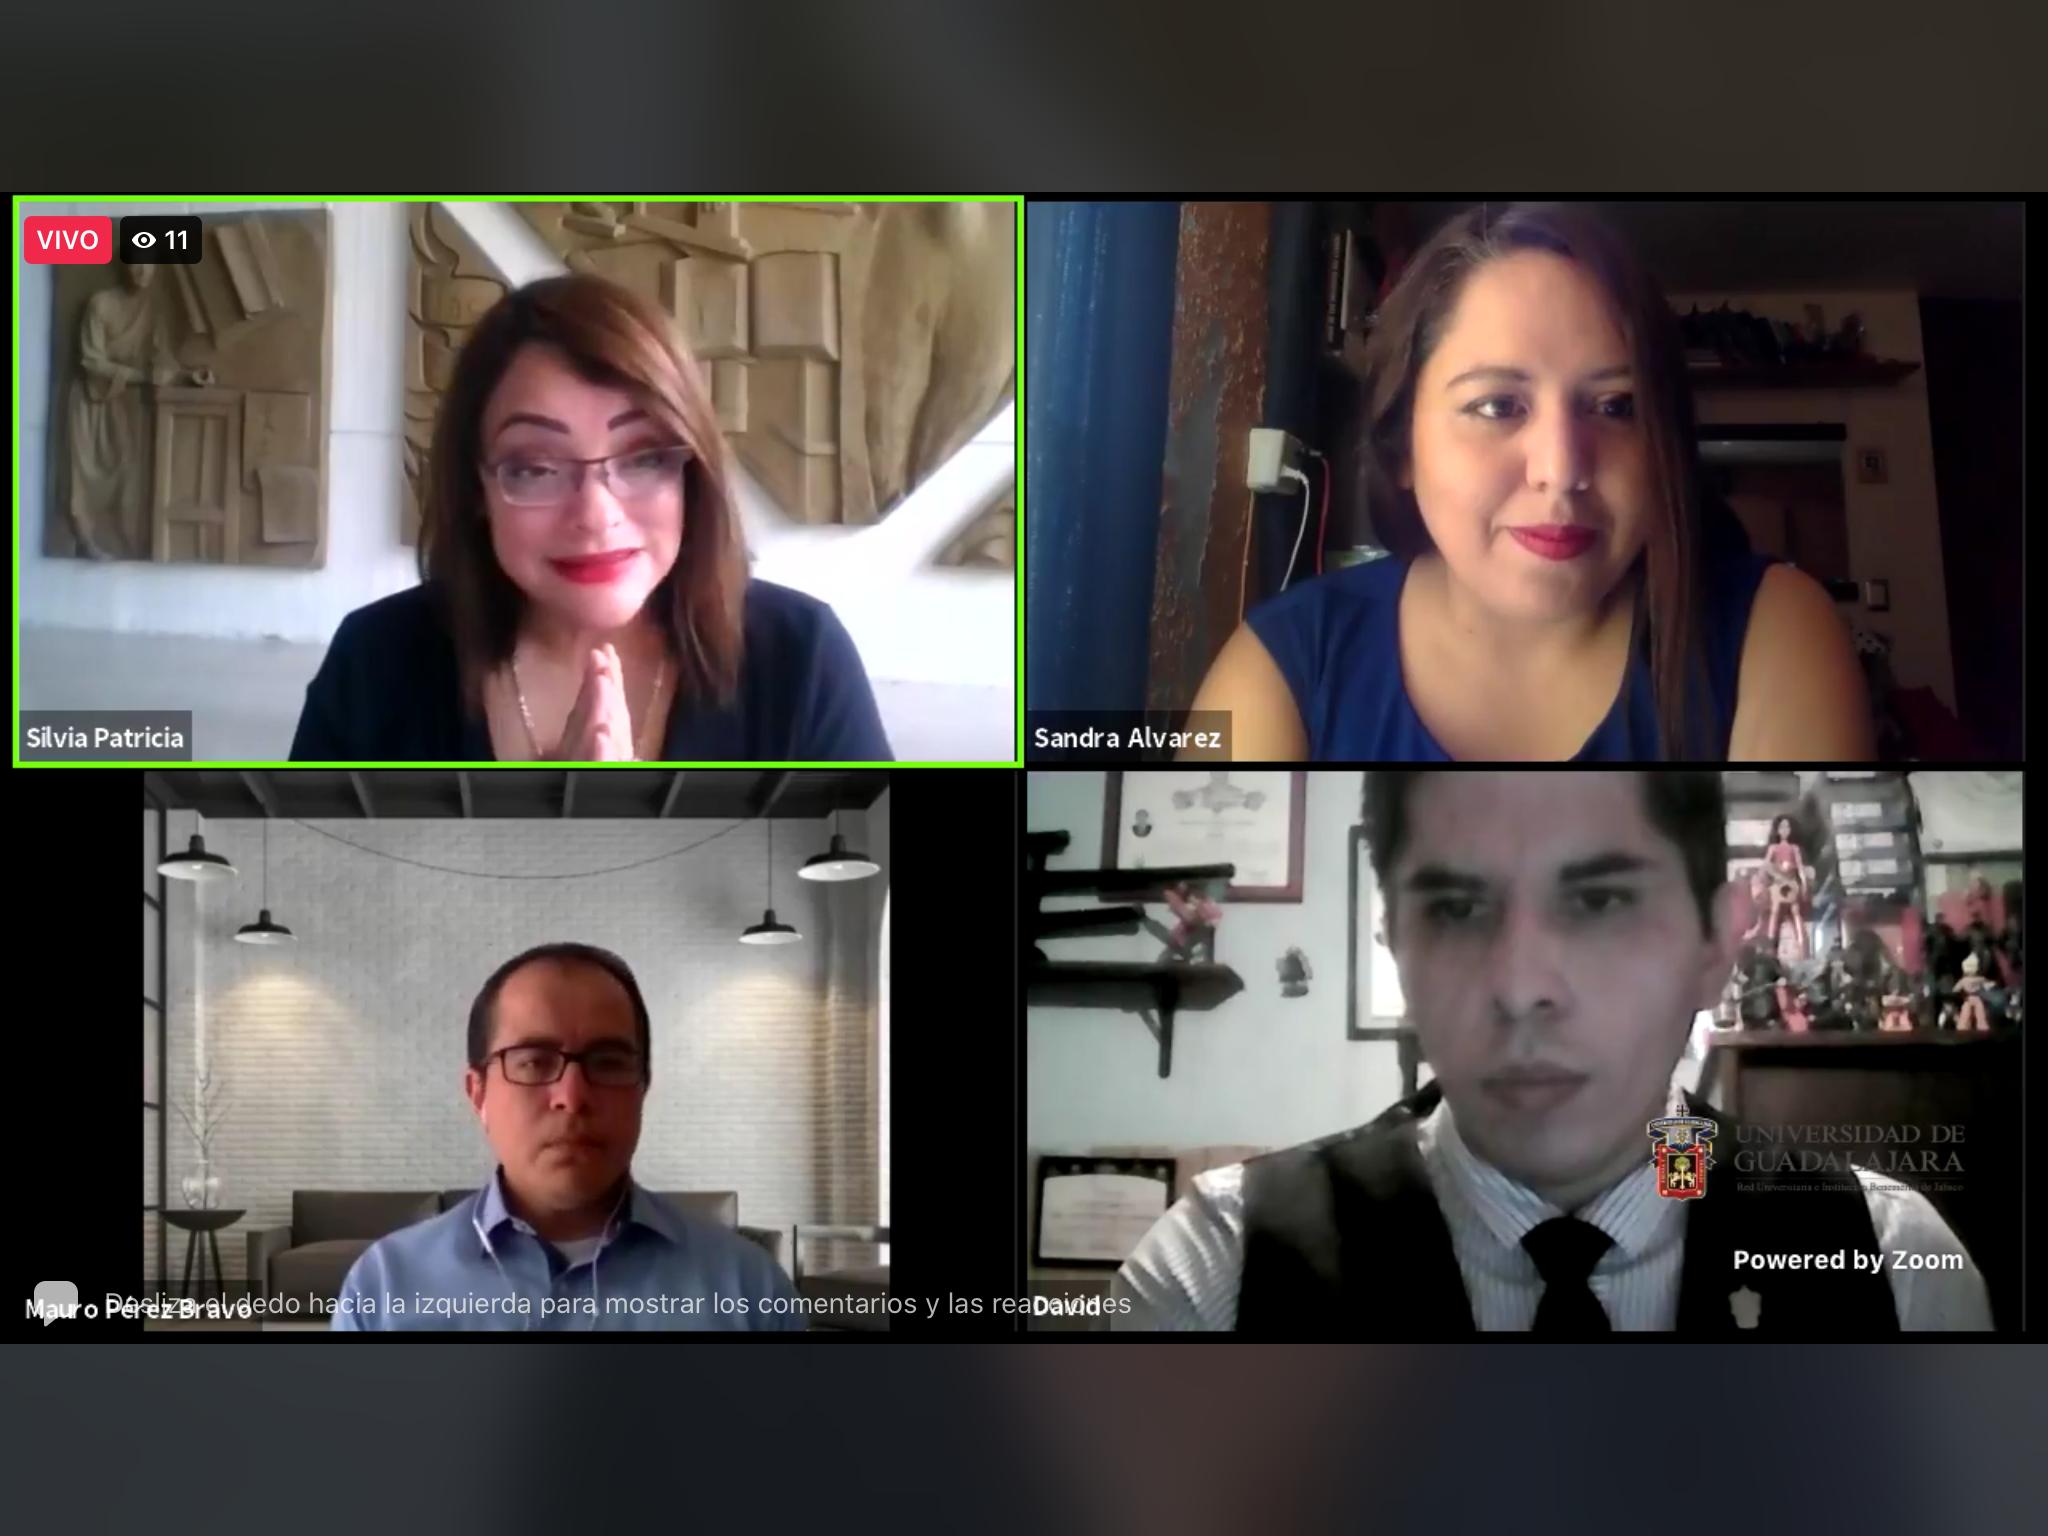 Captura de pantalla donde aparecen todos los ponentes del evento